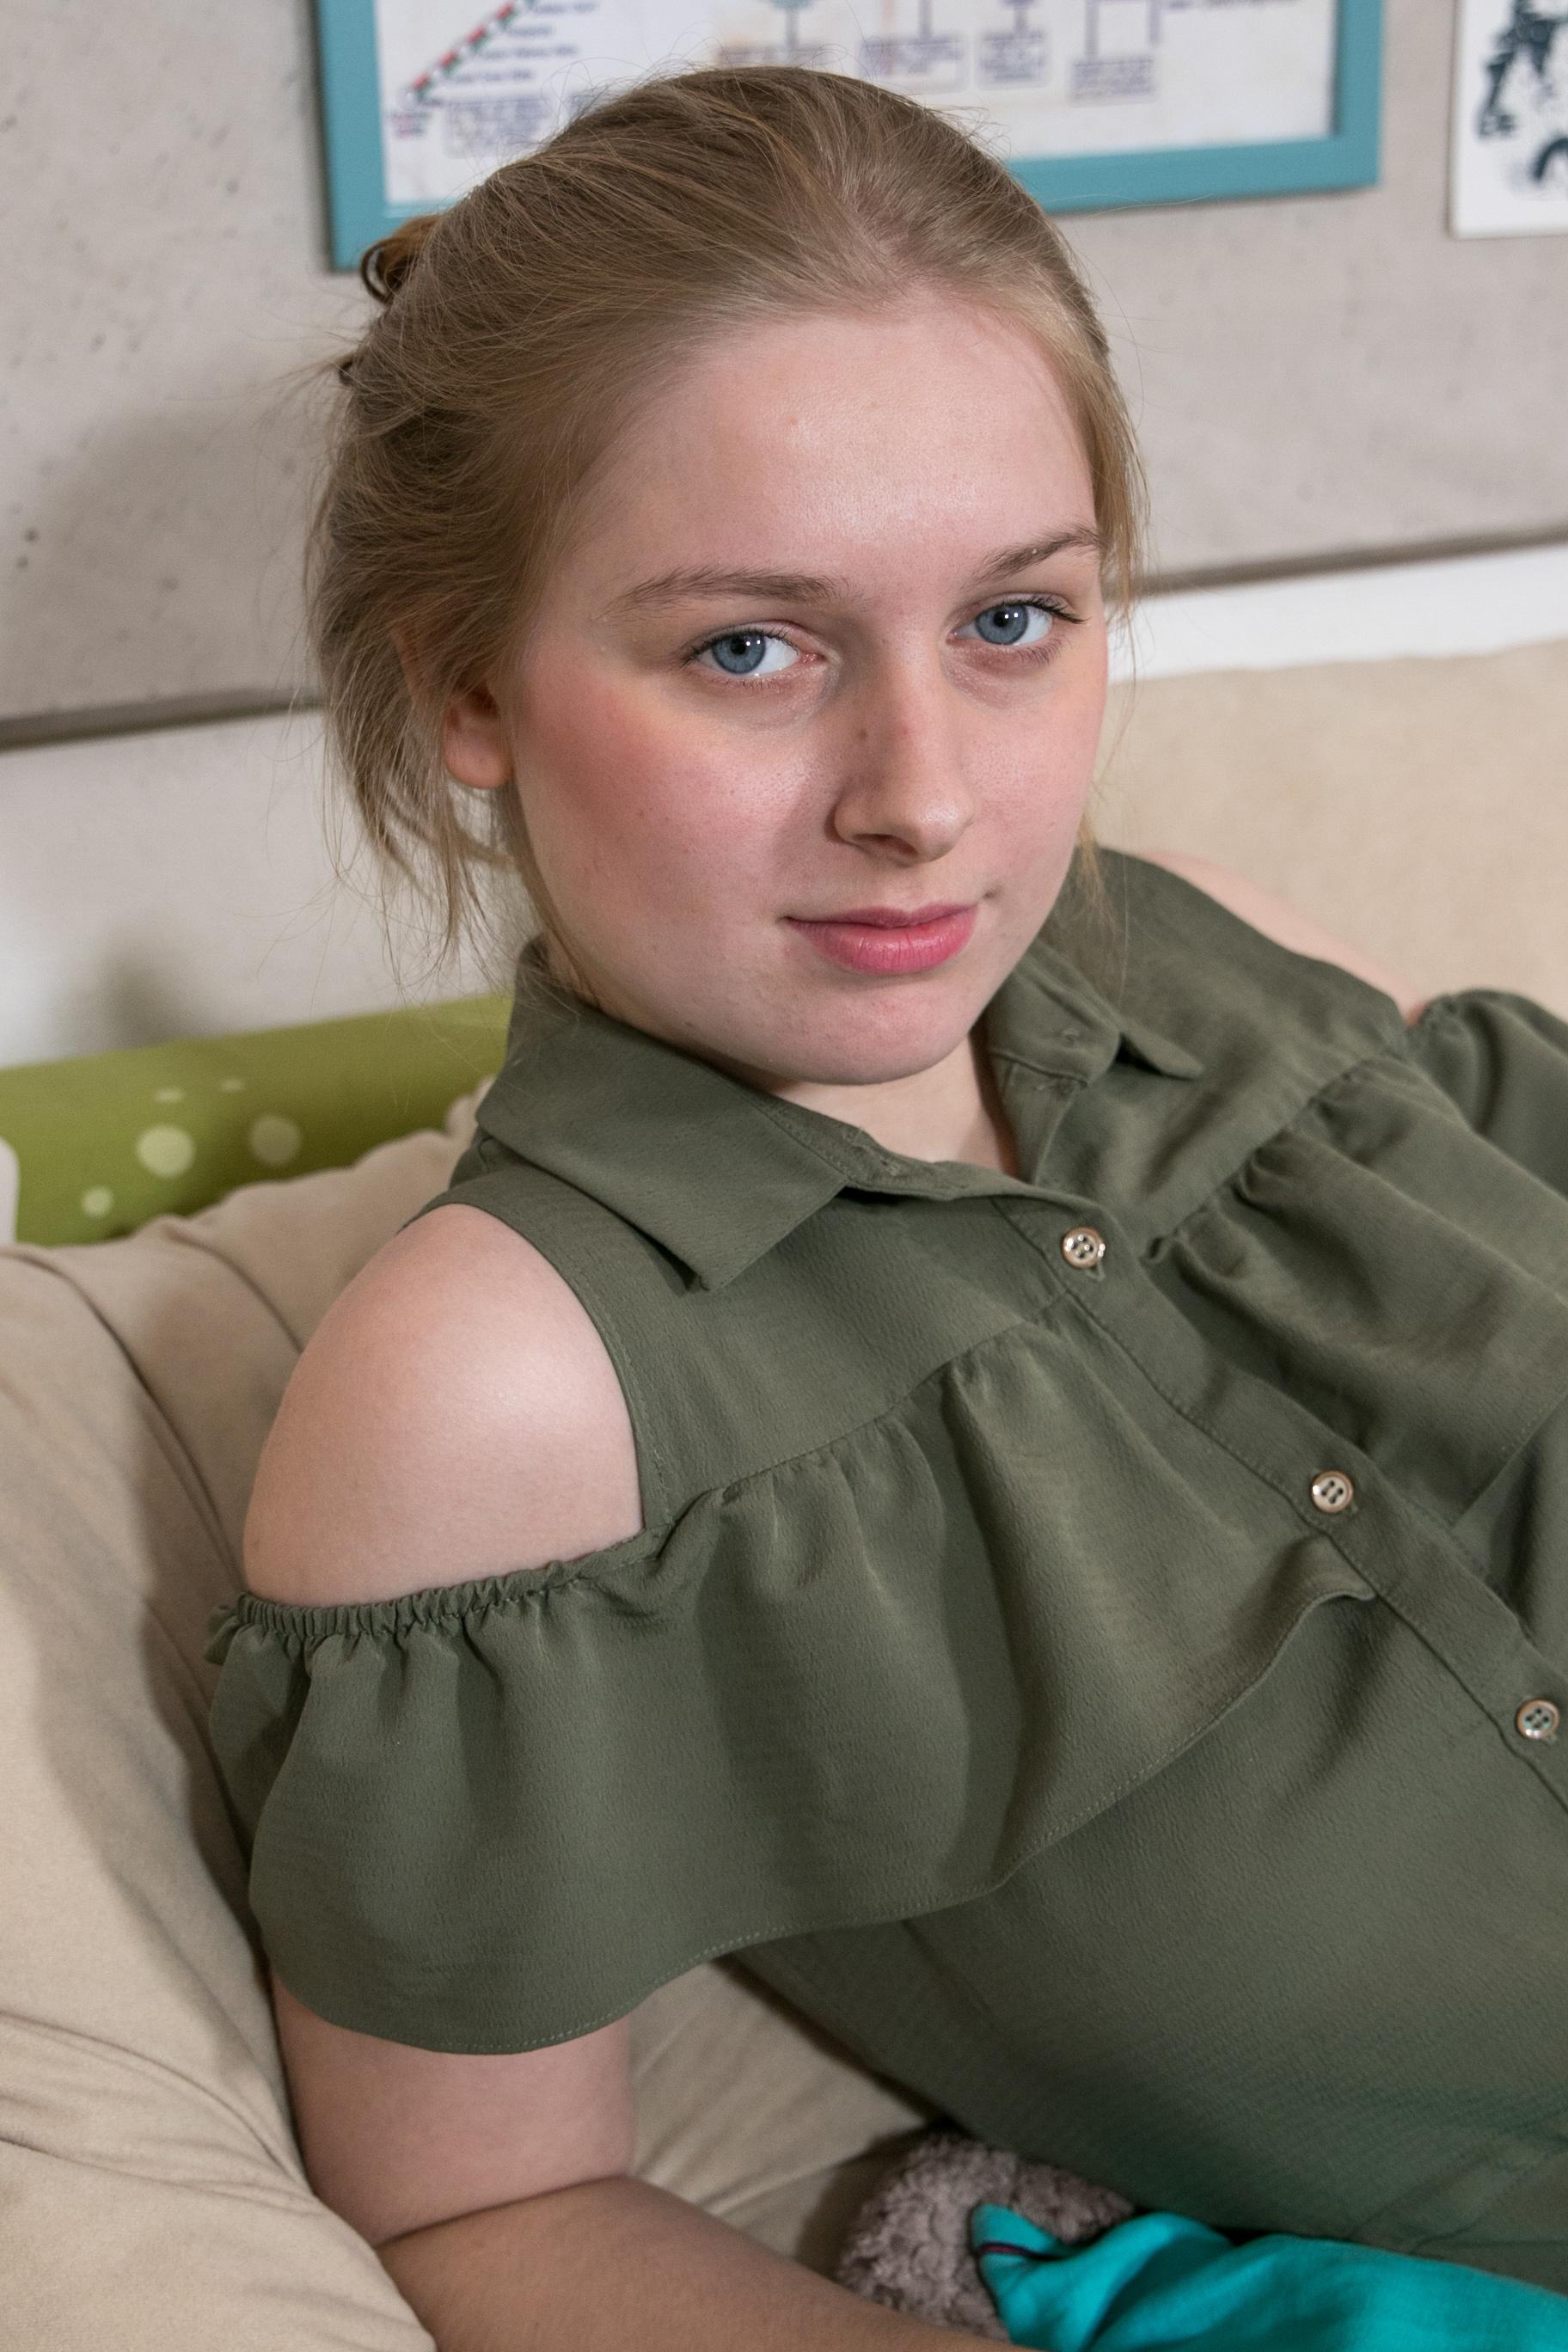 Ersties.com - Ginny 17